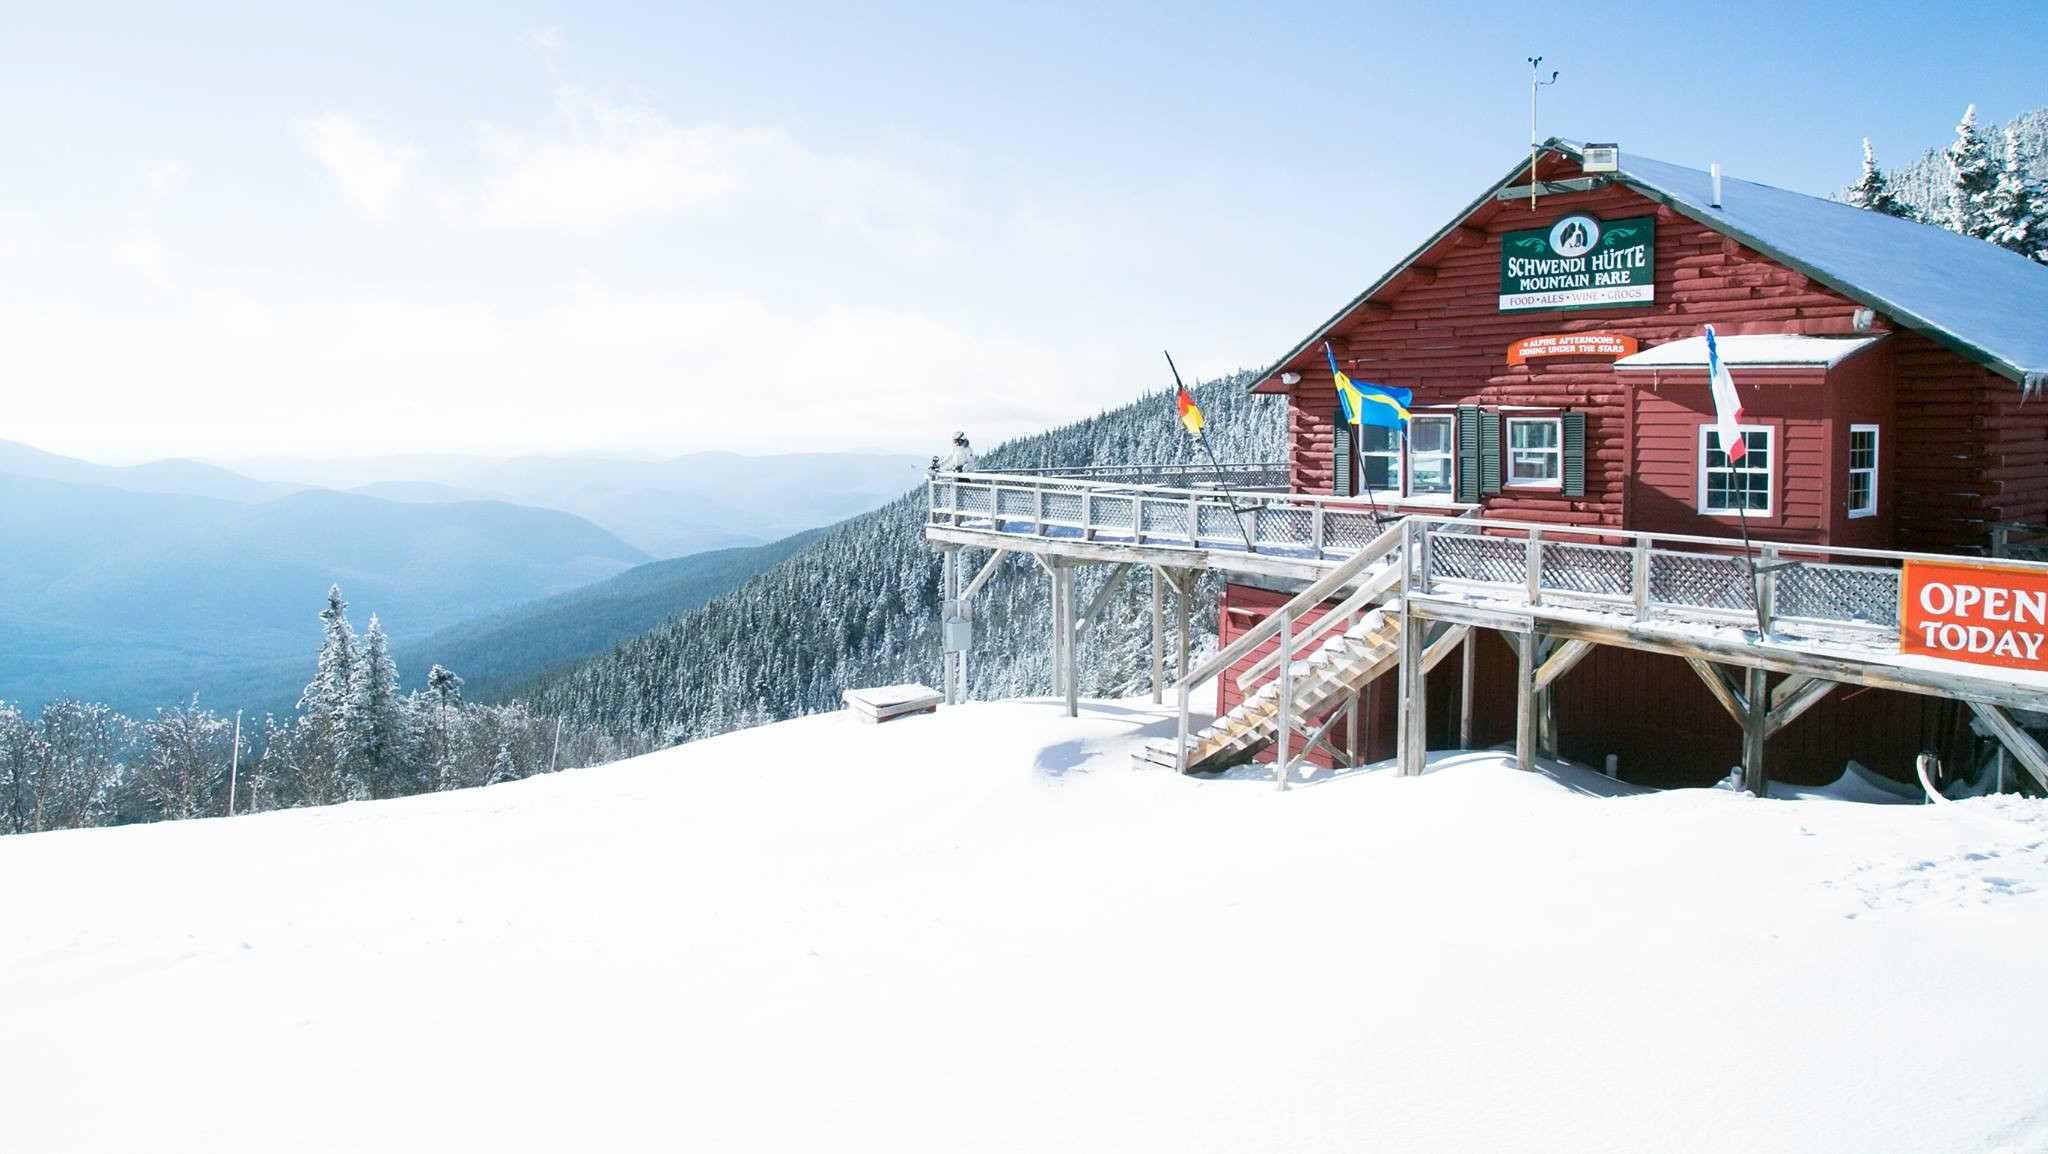 Schwendi Hutte at Waterville Valley Ski Resort